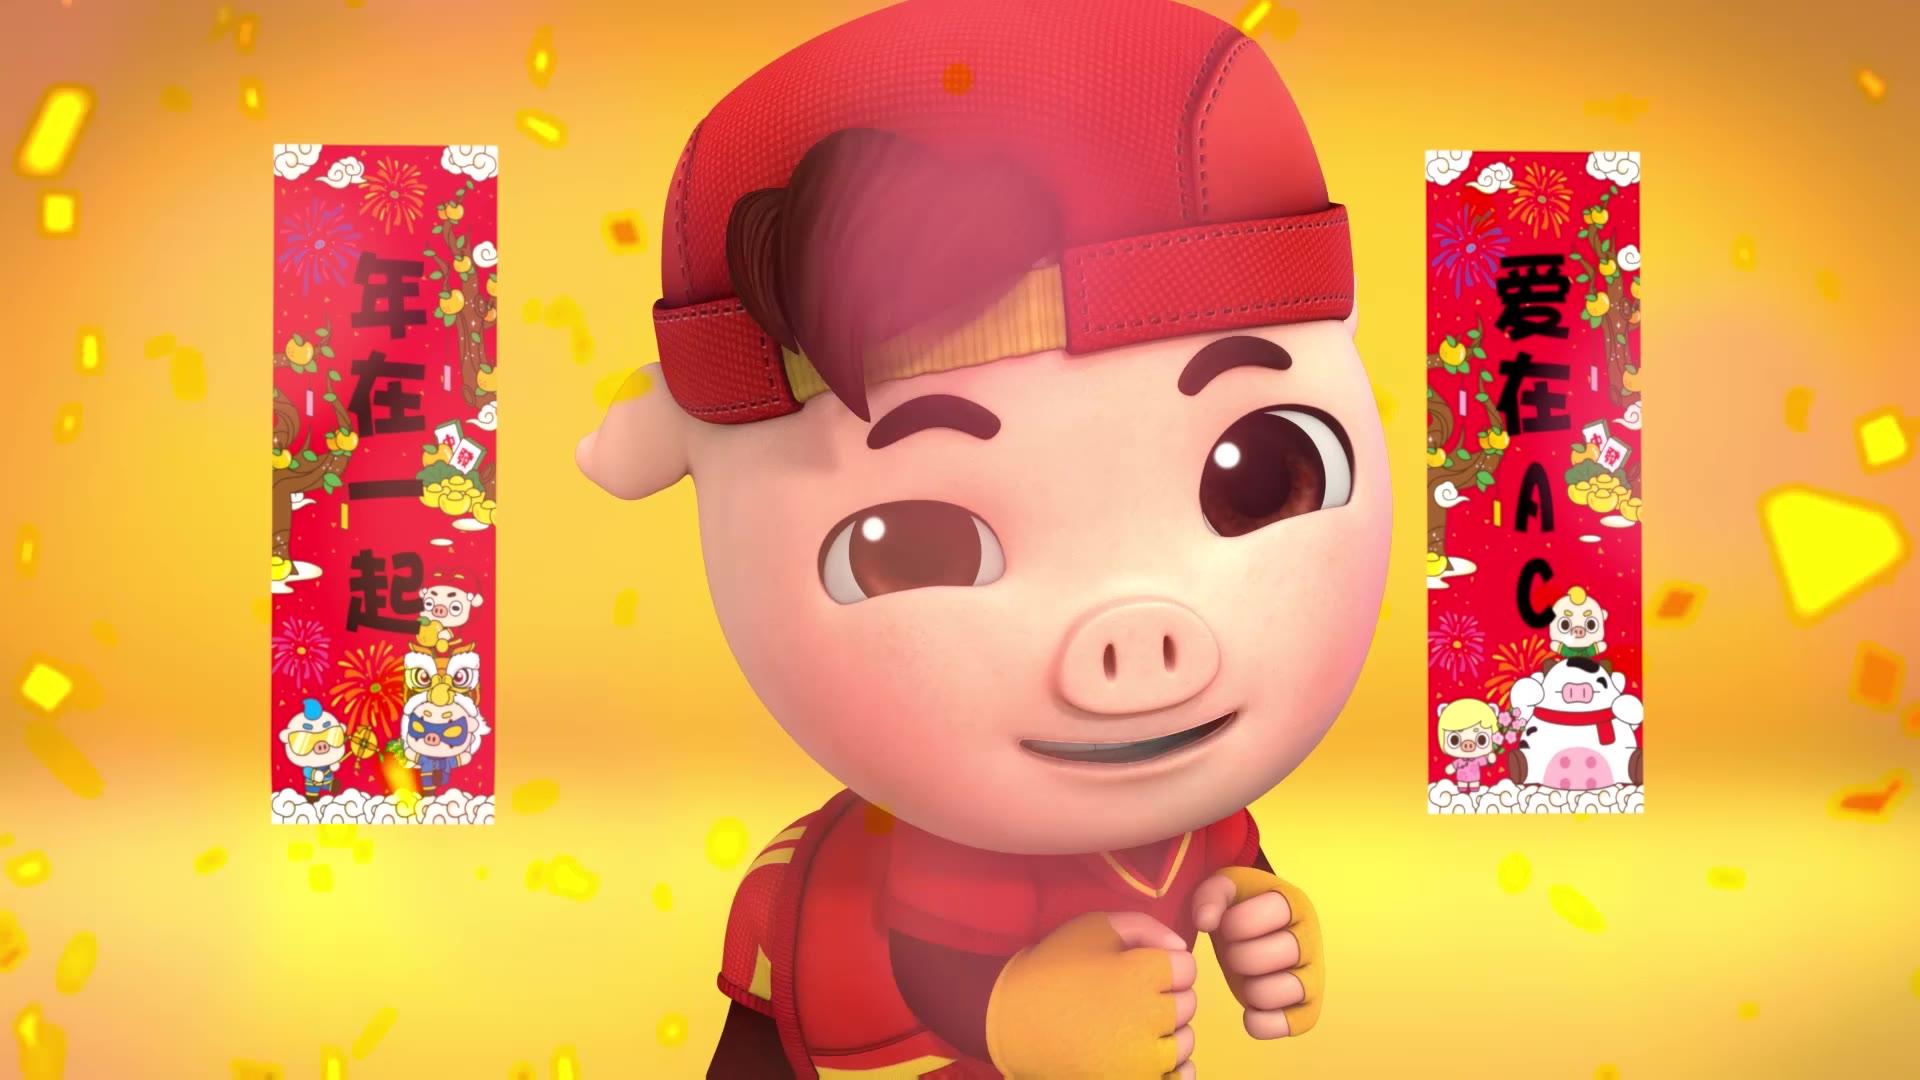 猪猪侠提前给各位Acer拜年啦!